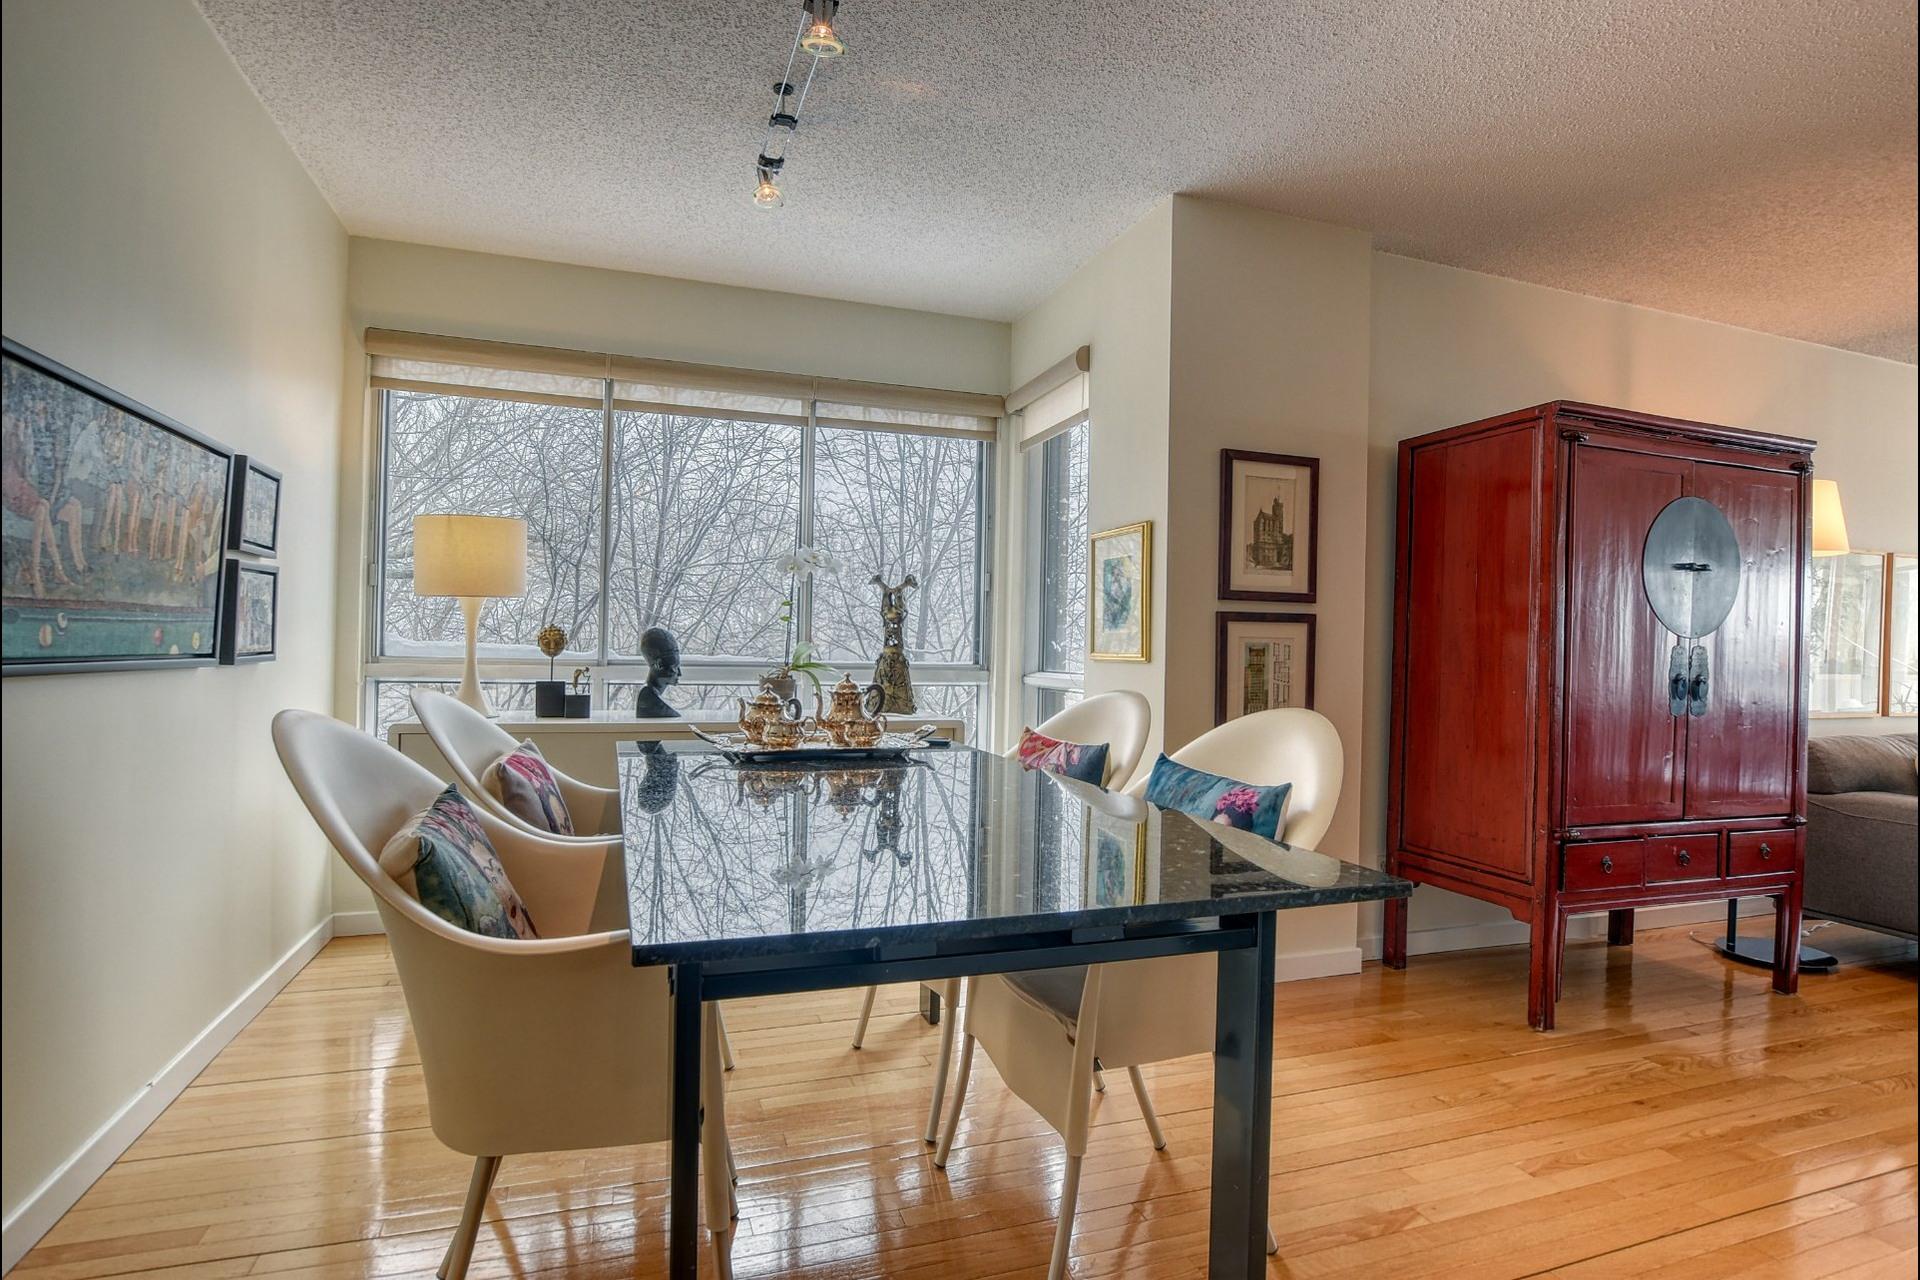 image 8 - Apartment For sale Verdun/Île-des-Soeurs Montréal  - 6 rooms